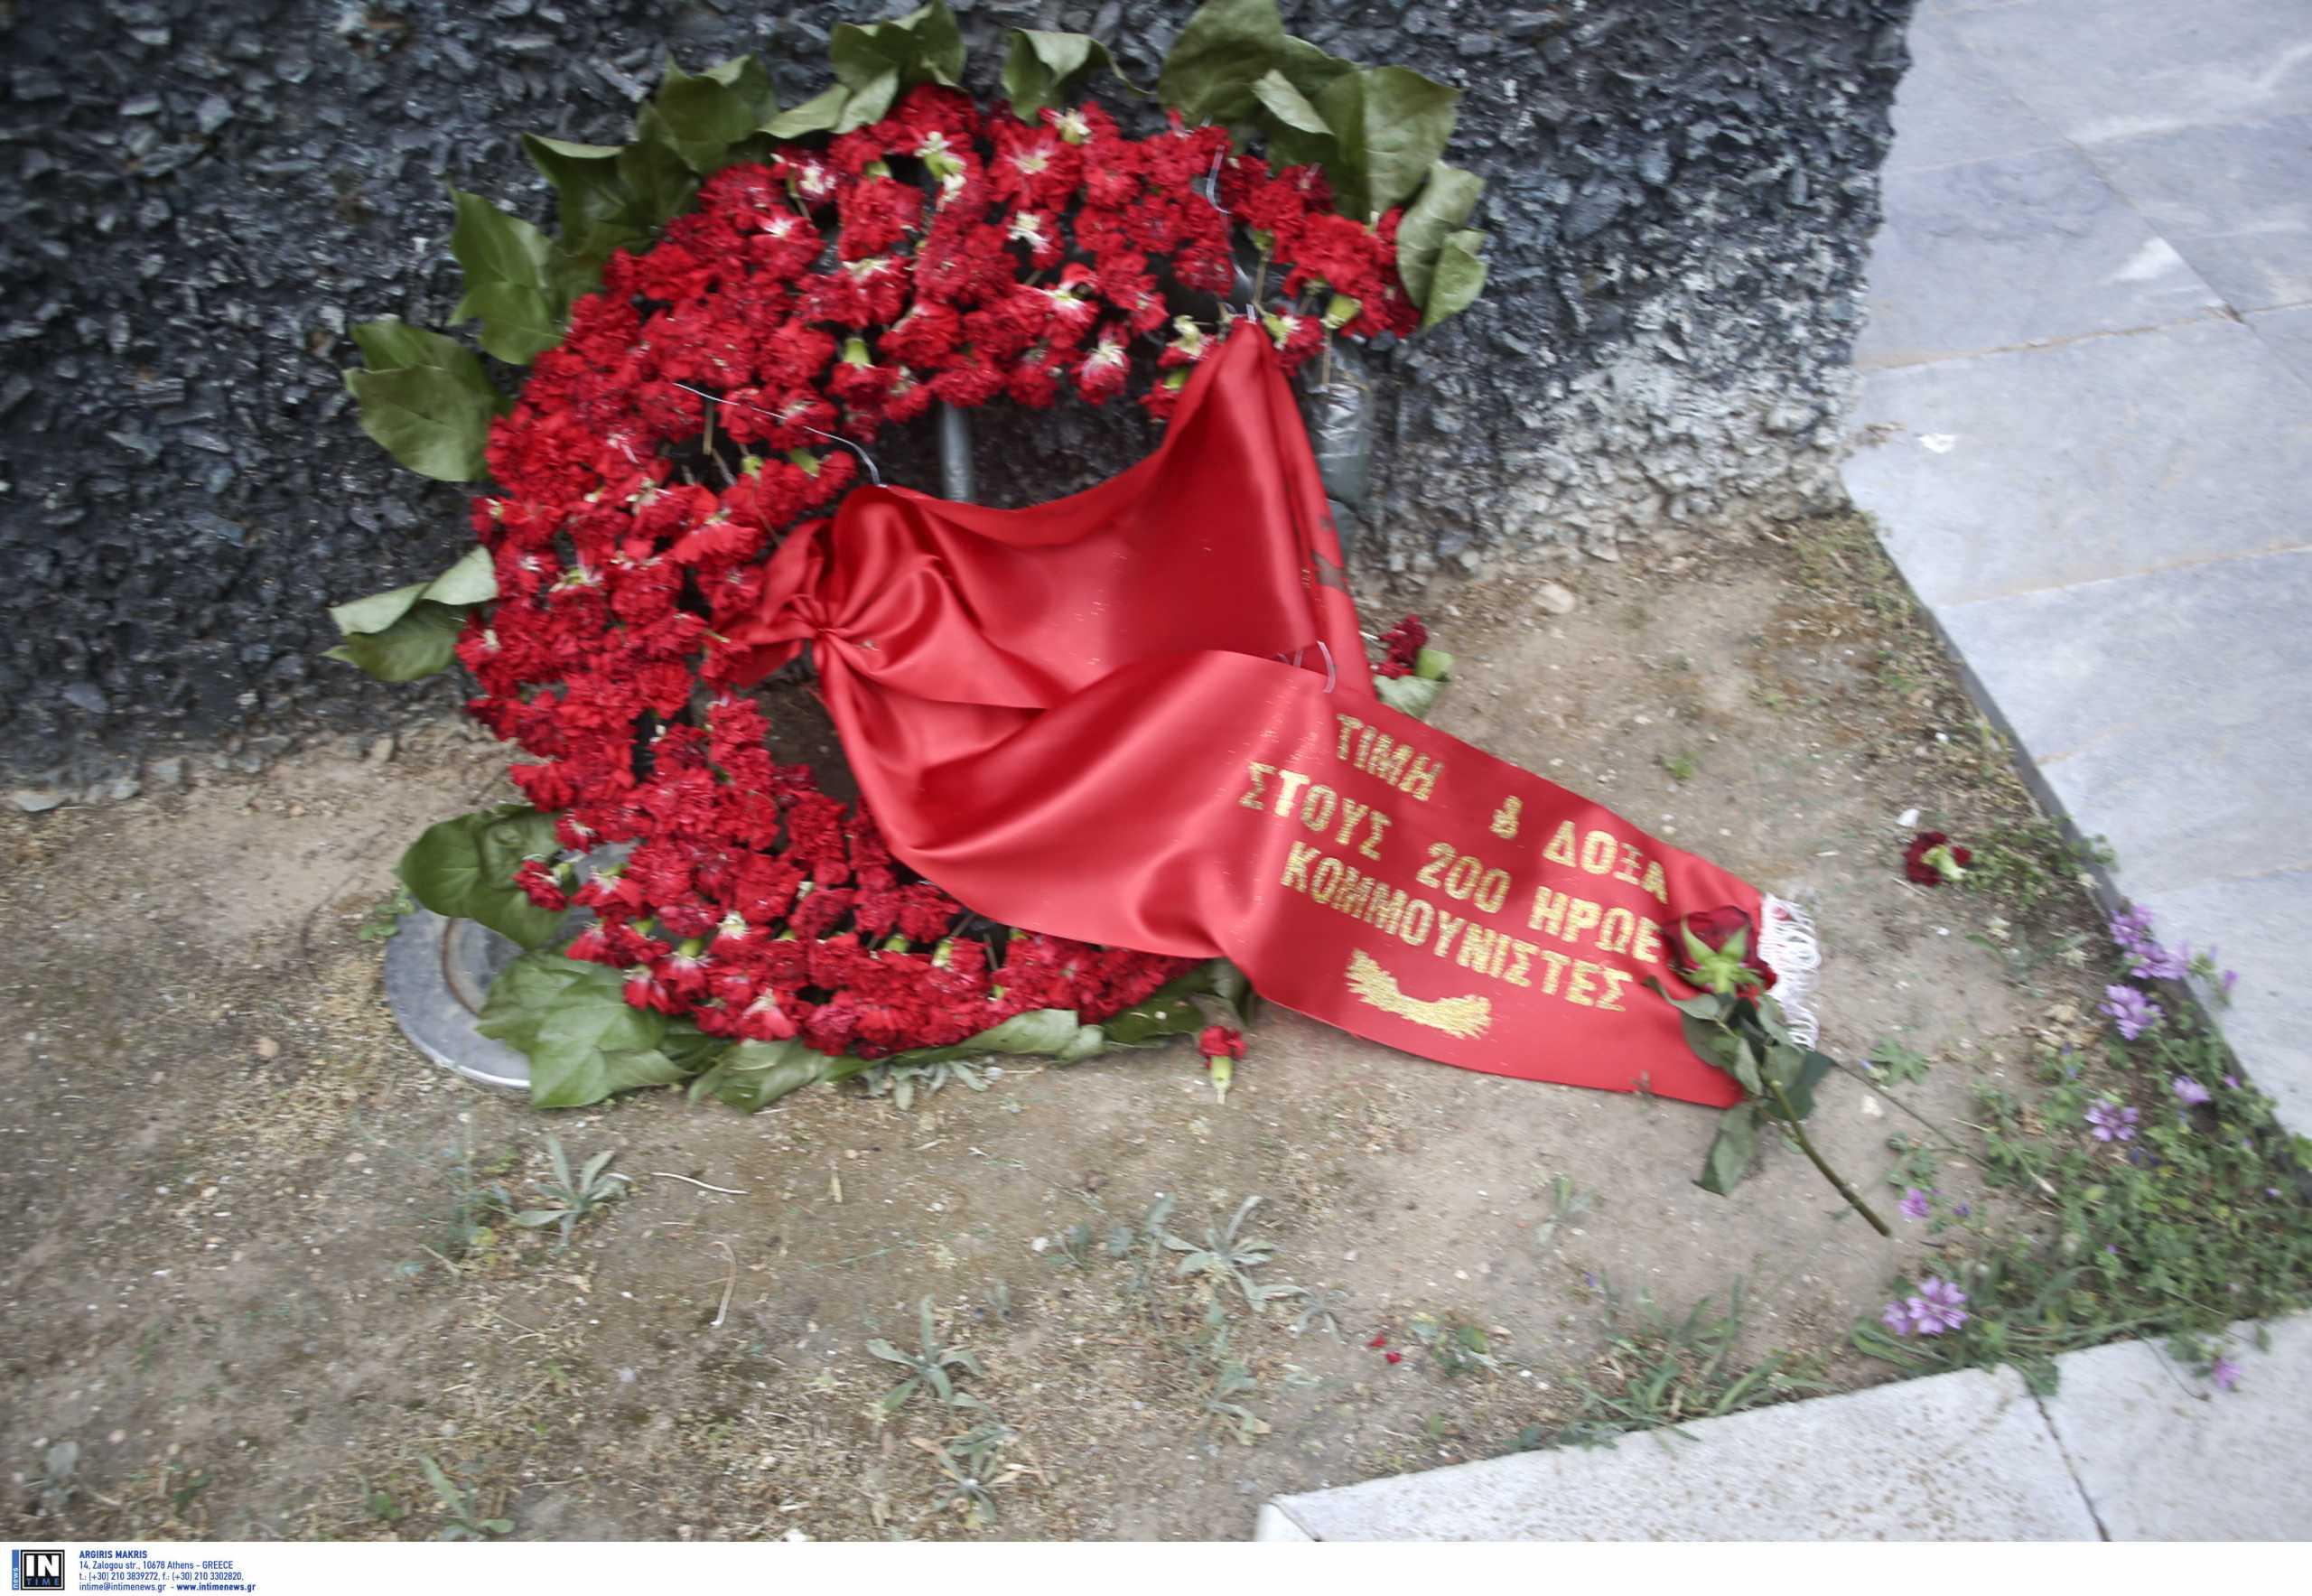 Πρωτομαγιά: Στεφάνια του ΚΚΕ και της ΚΝΕ στην Καισαριανή για τους 200 εκτελεσμένους